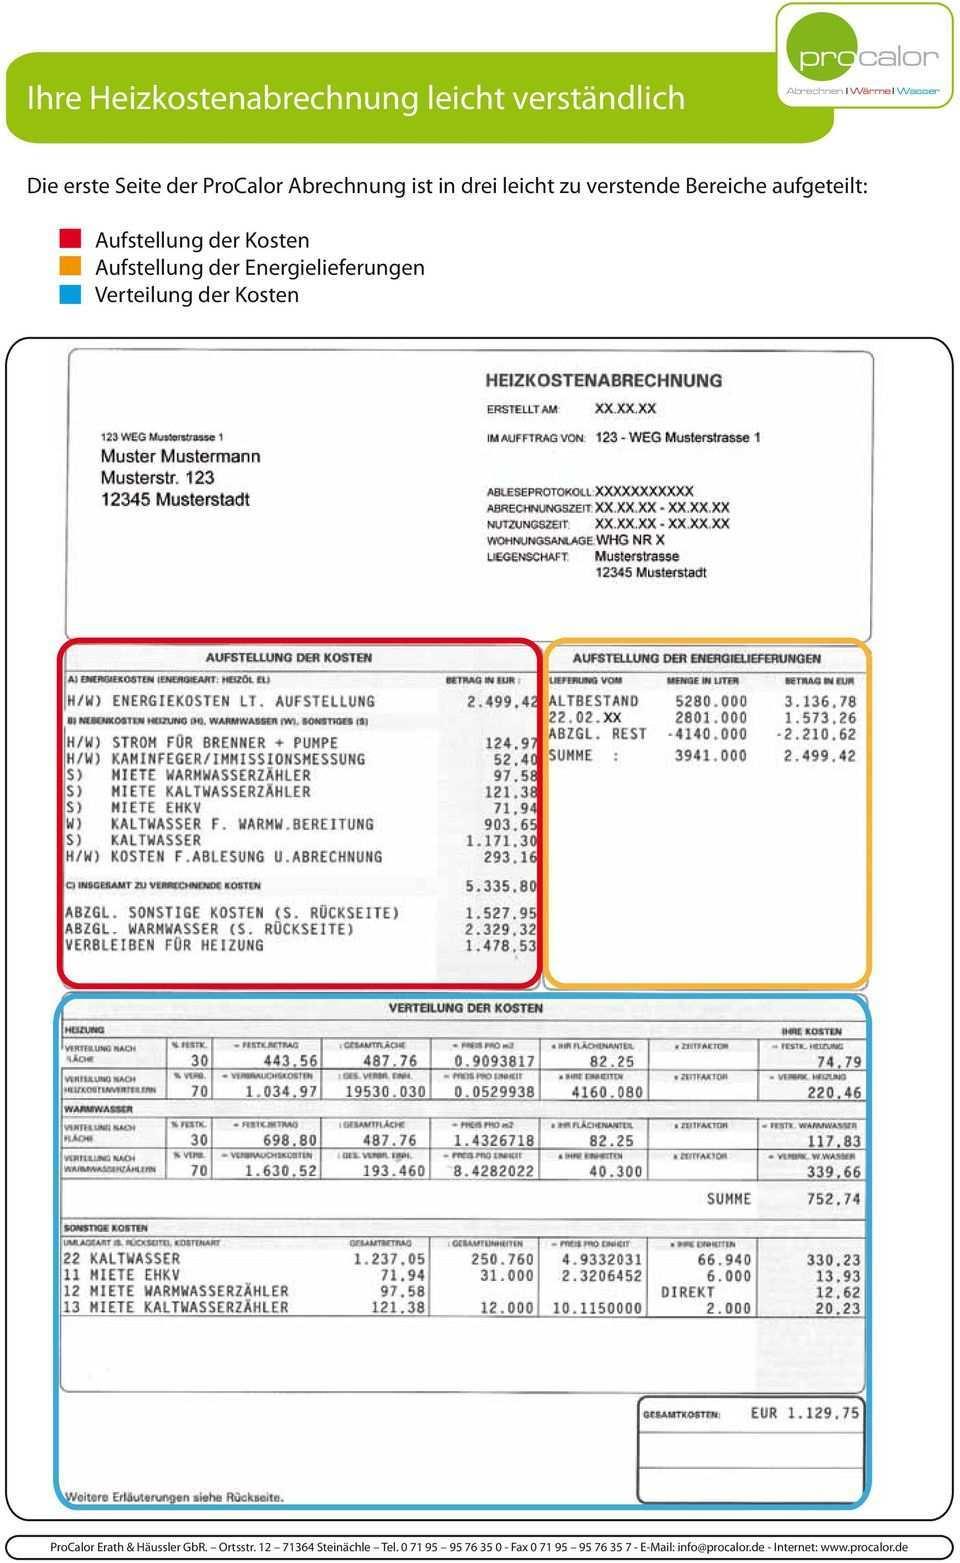 Ihre Heizkostenabrechnung Leicht Verstandlich Pdf Kostenfreier Download